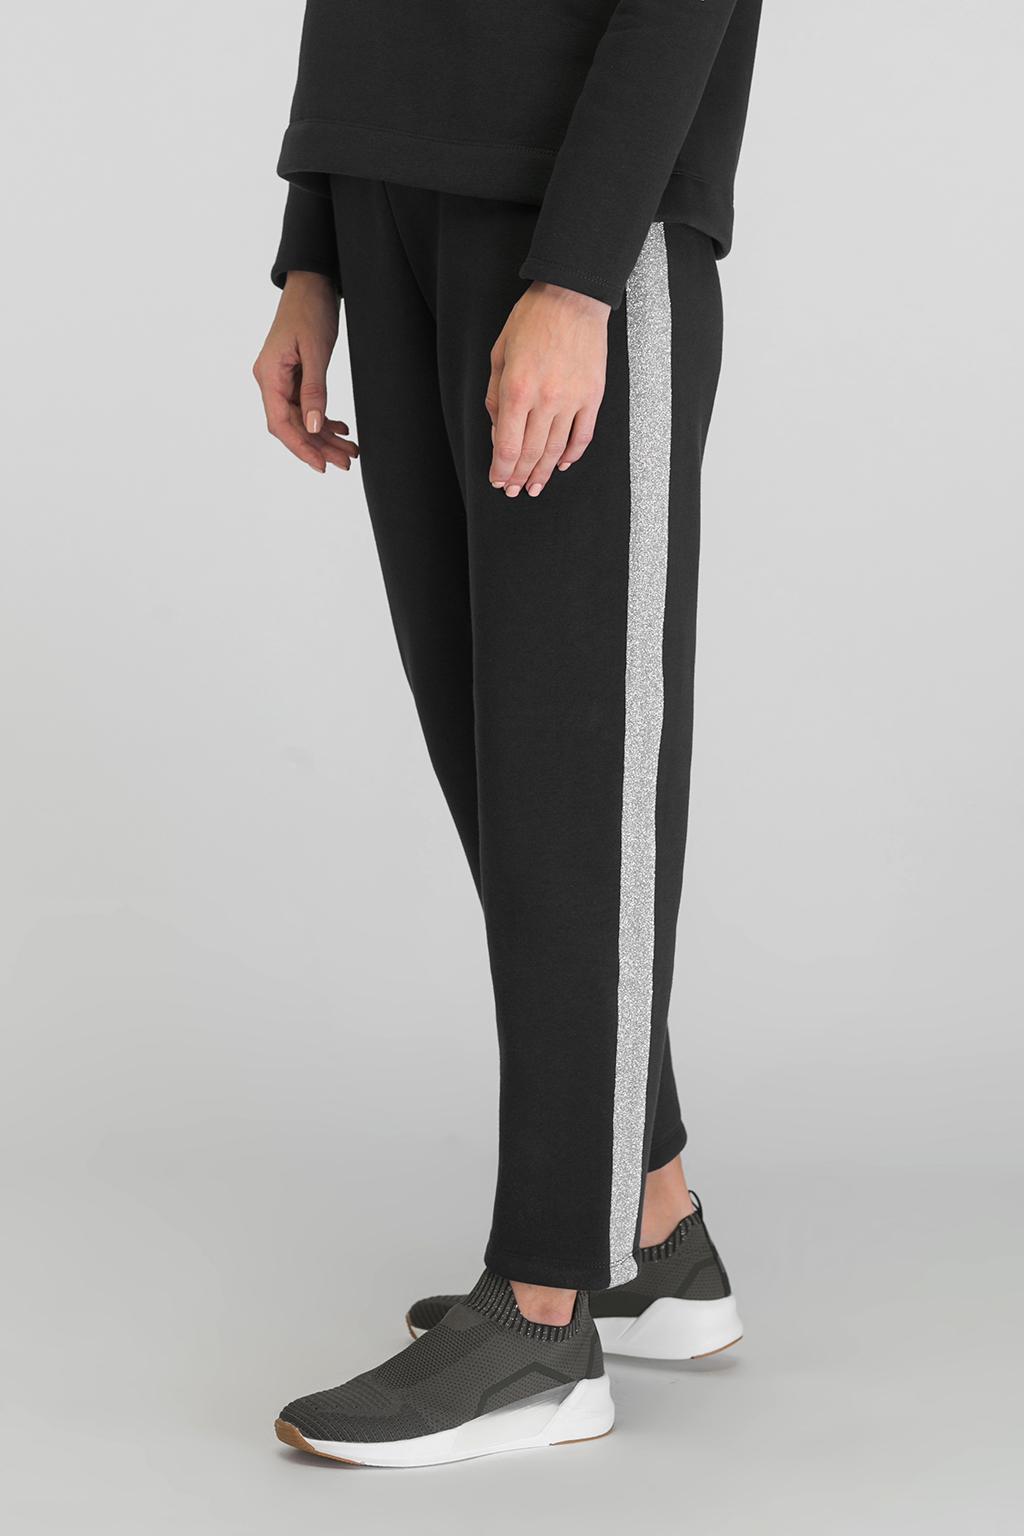 Выбор штанов и брюк для беременных - фото 4